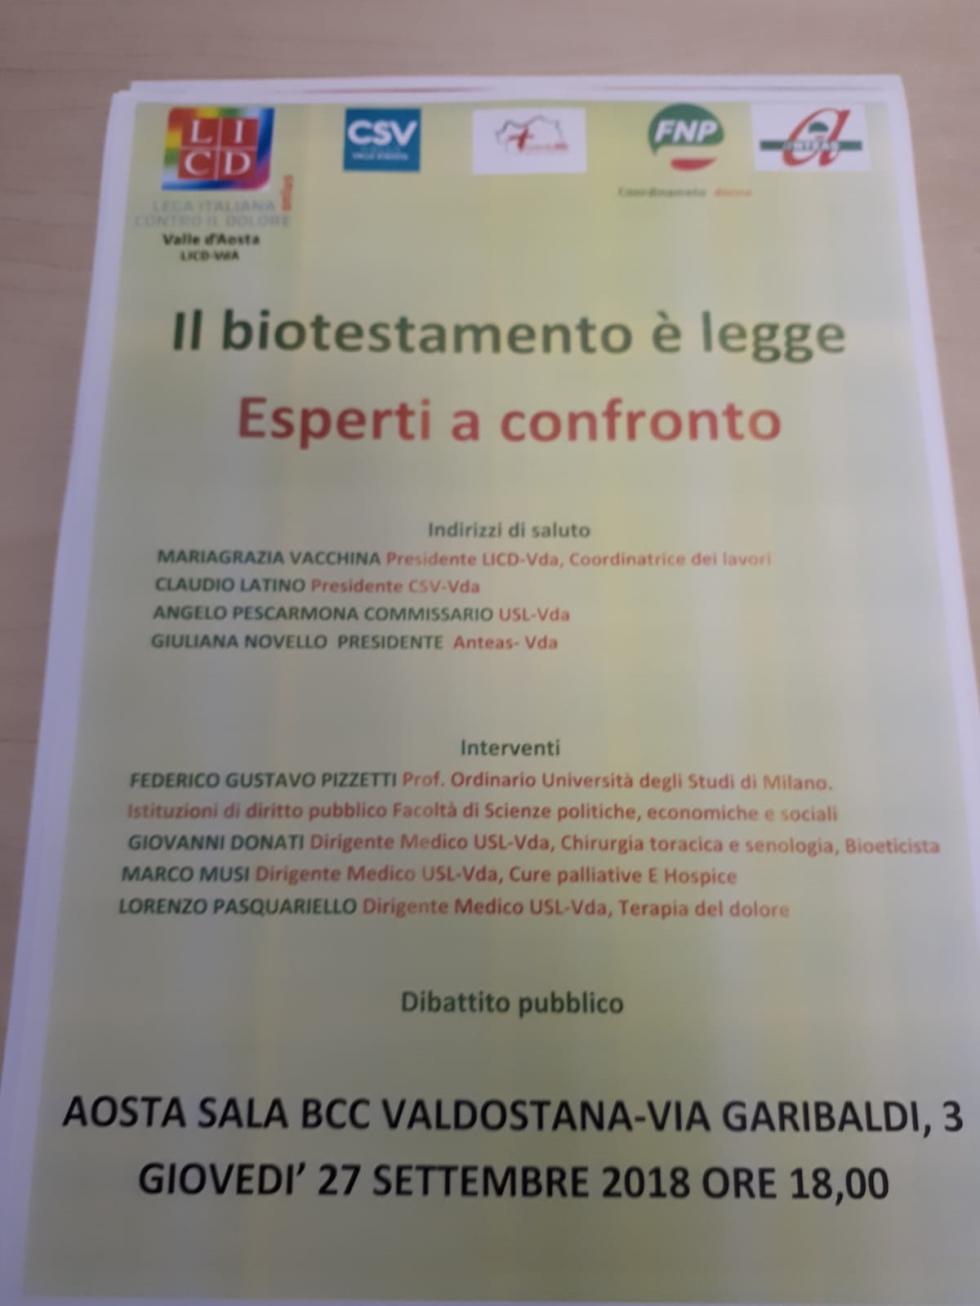 Incontro oggi ad Aosta per approfondire il testamento biologico